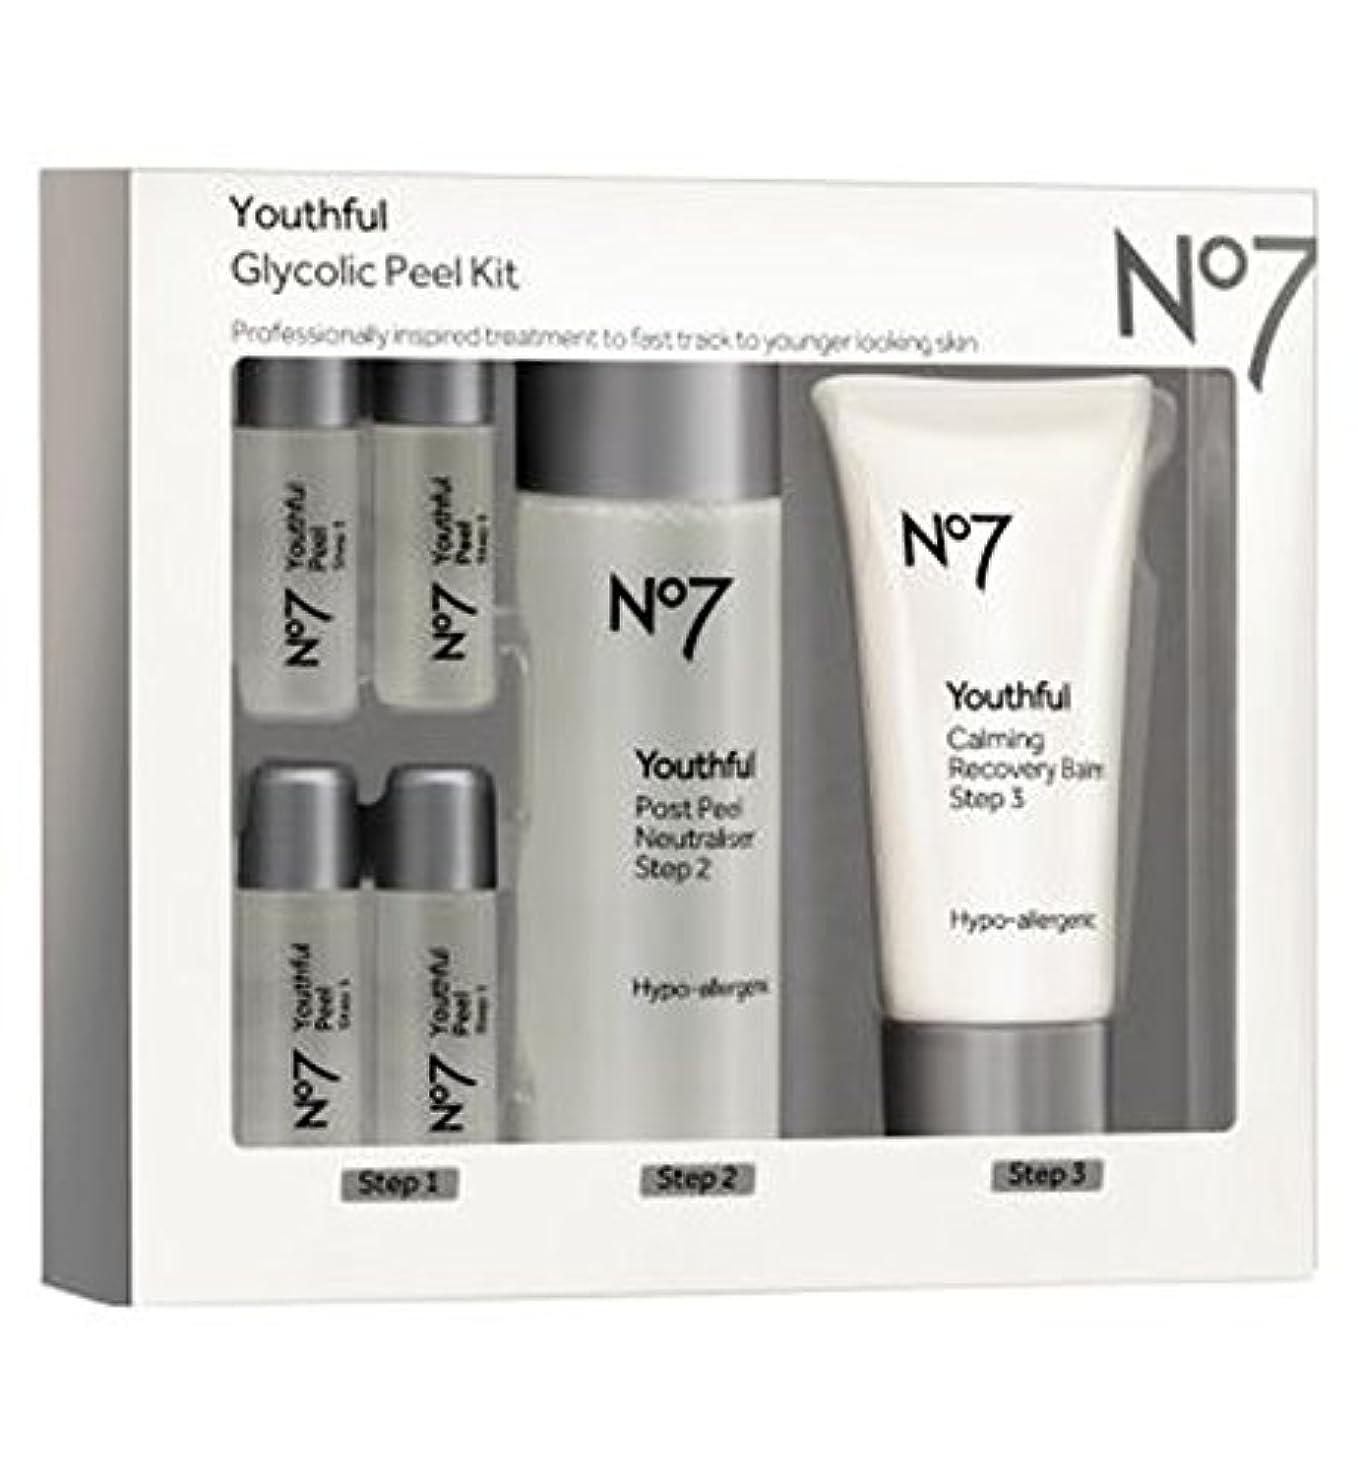 割り当てます通行料金松の木No7 Youthful Glycolic Peel Kit - No7若々しいグリコールピールキット (No7) [並行輸入品]